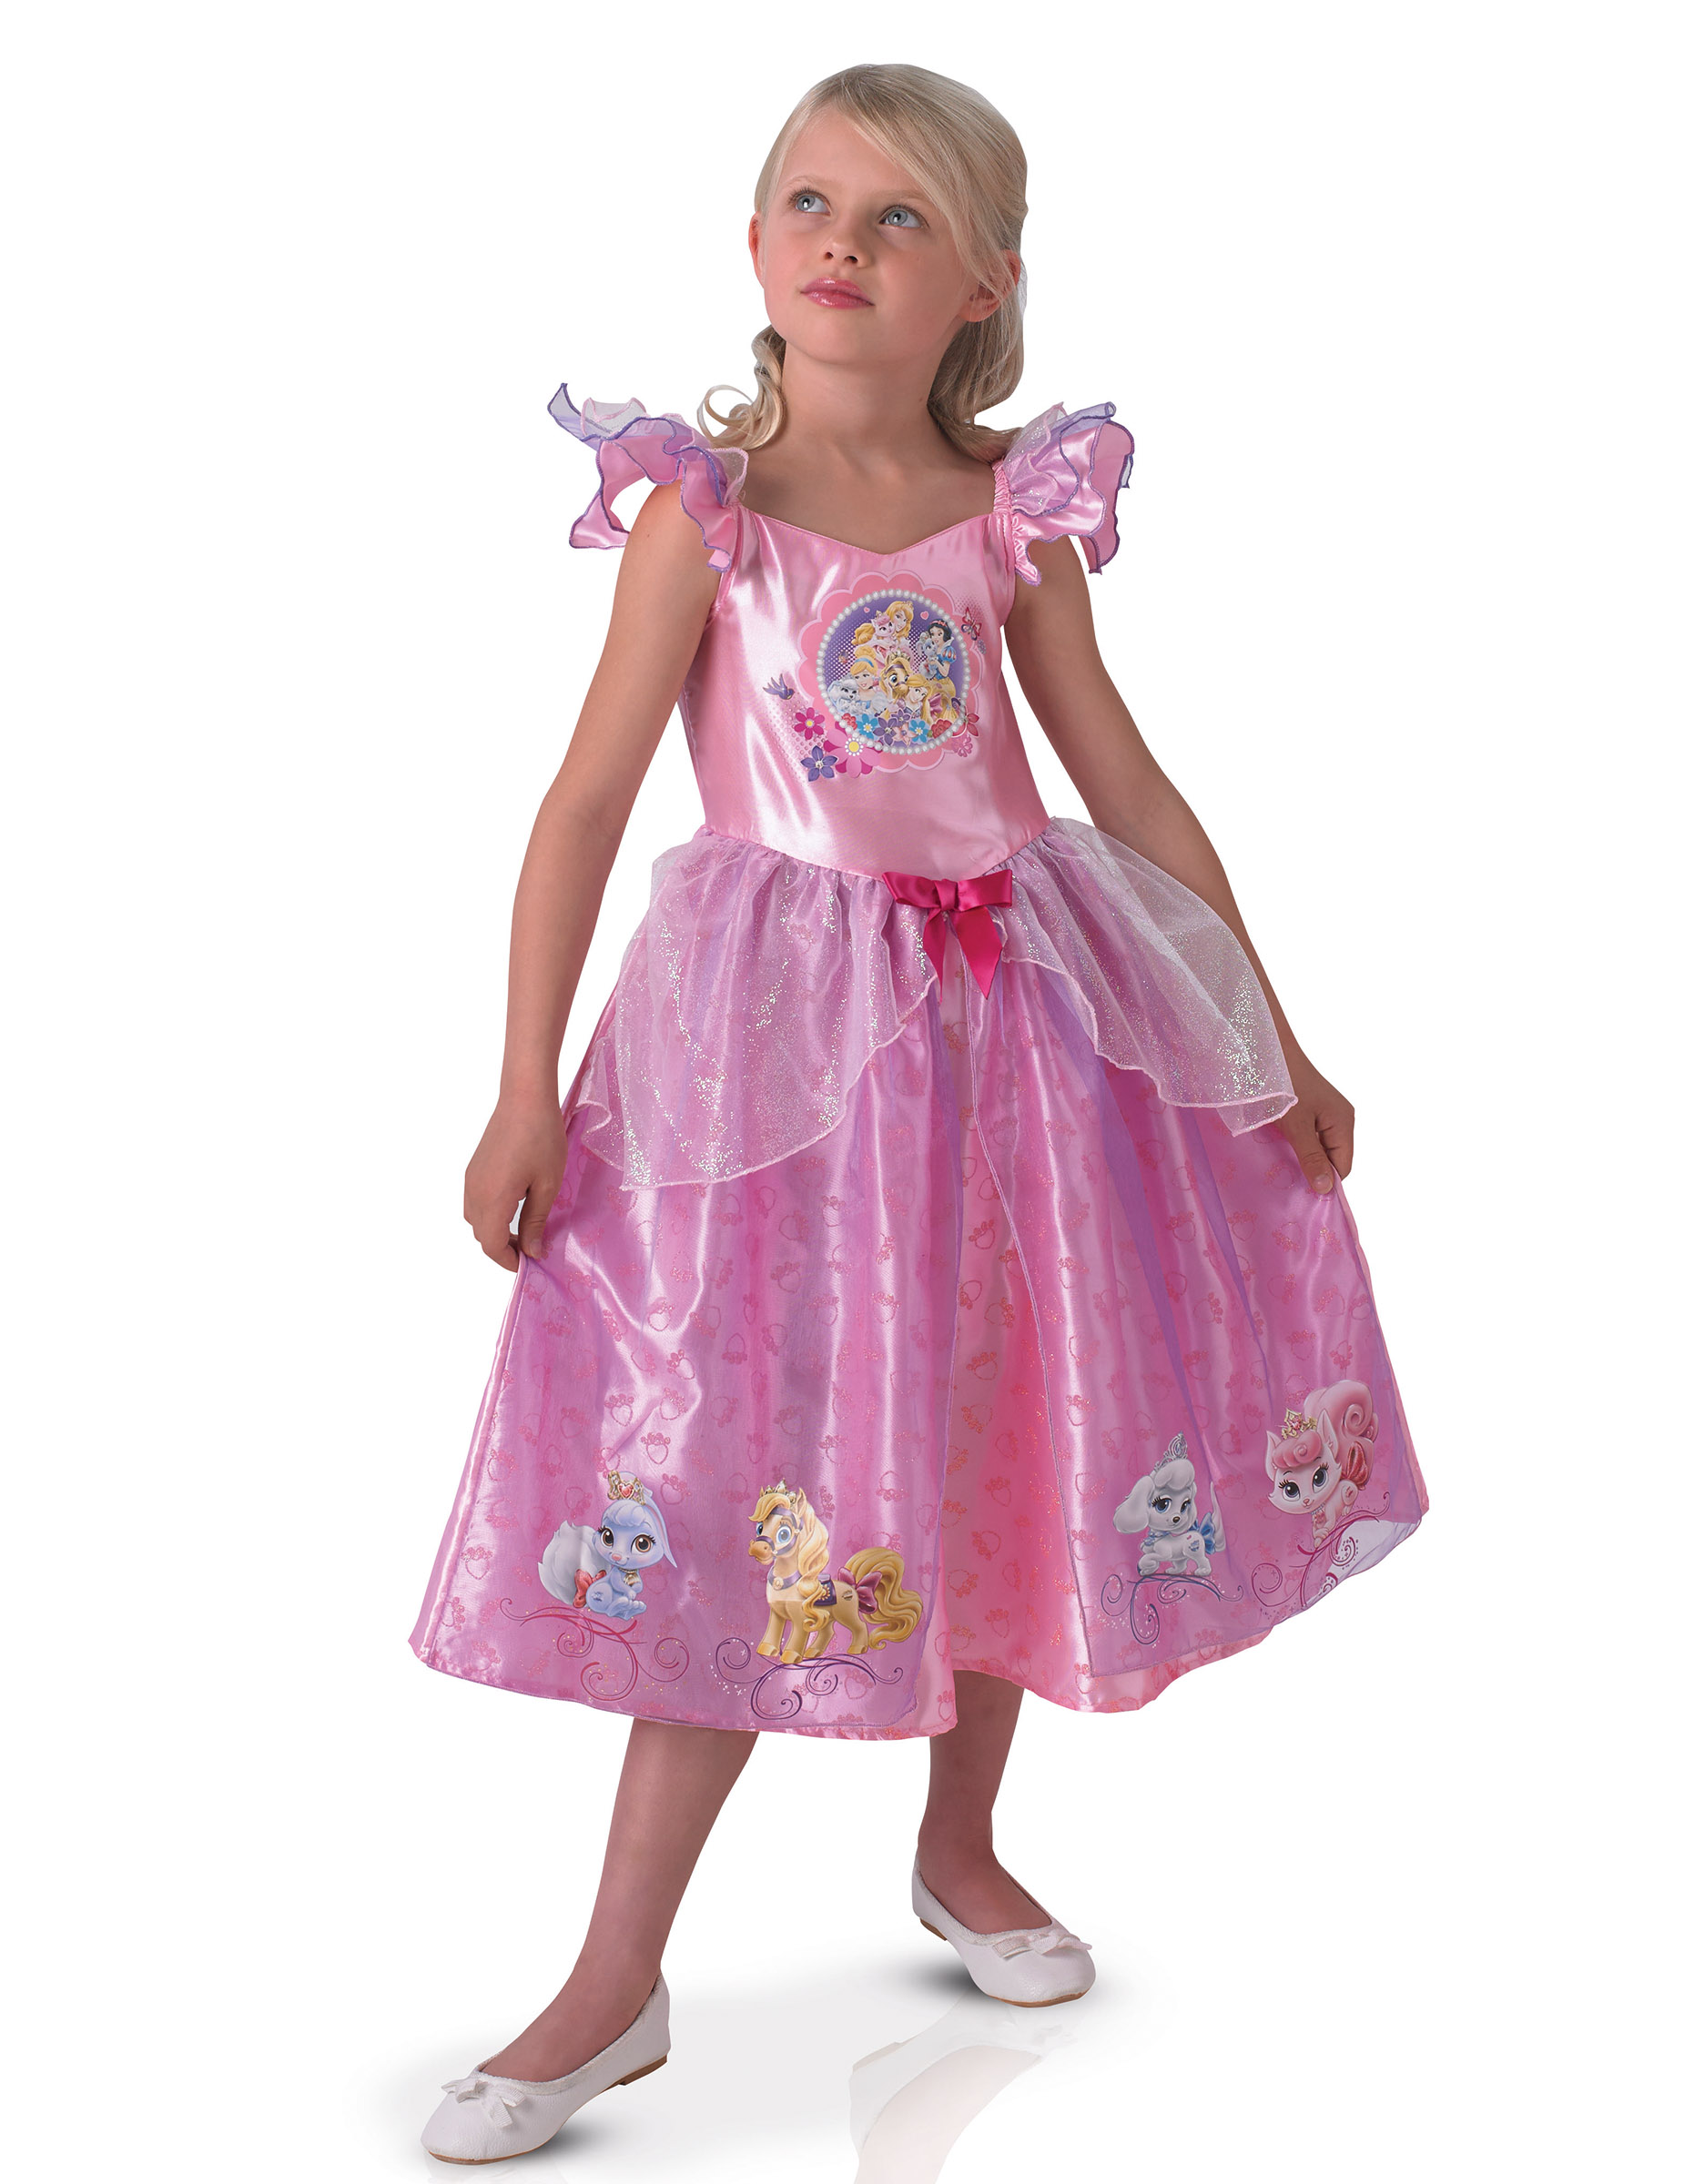 Disfraz Princesas Palace Pets™ niña Deluxe: Disfraces niños,y ...